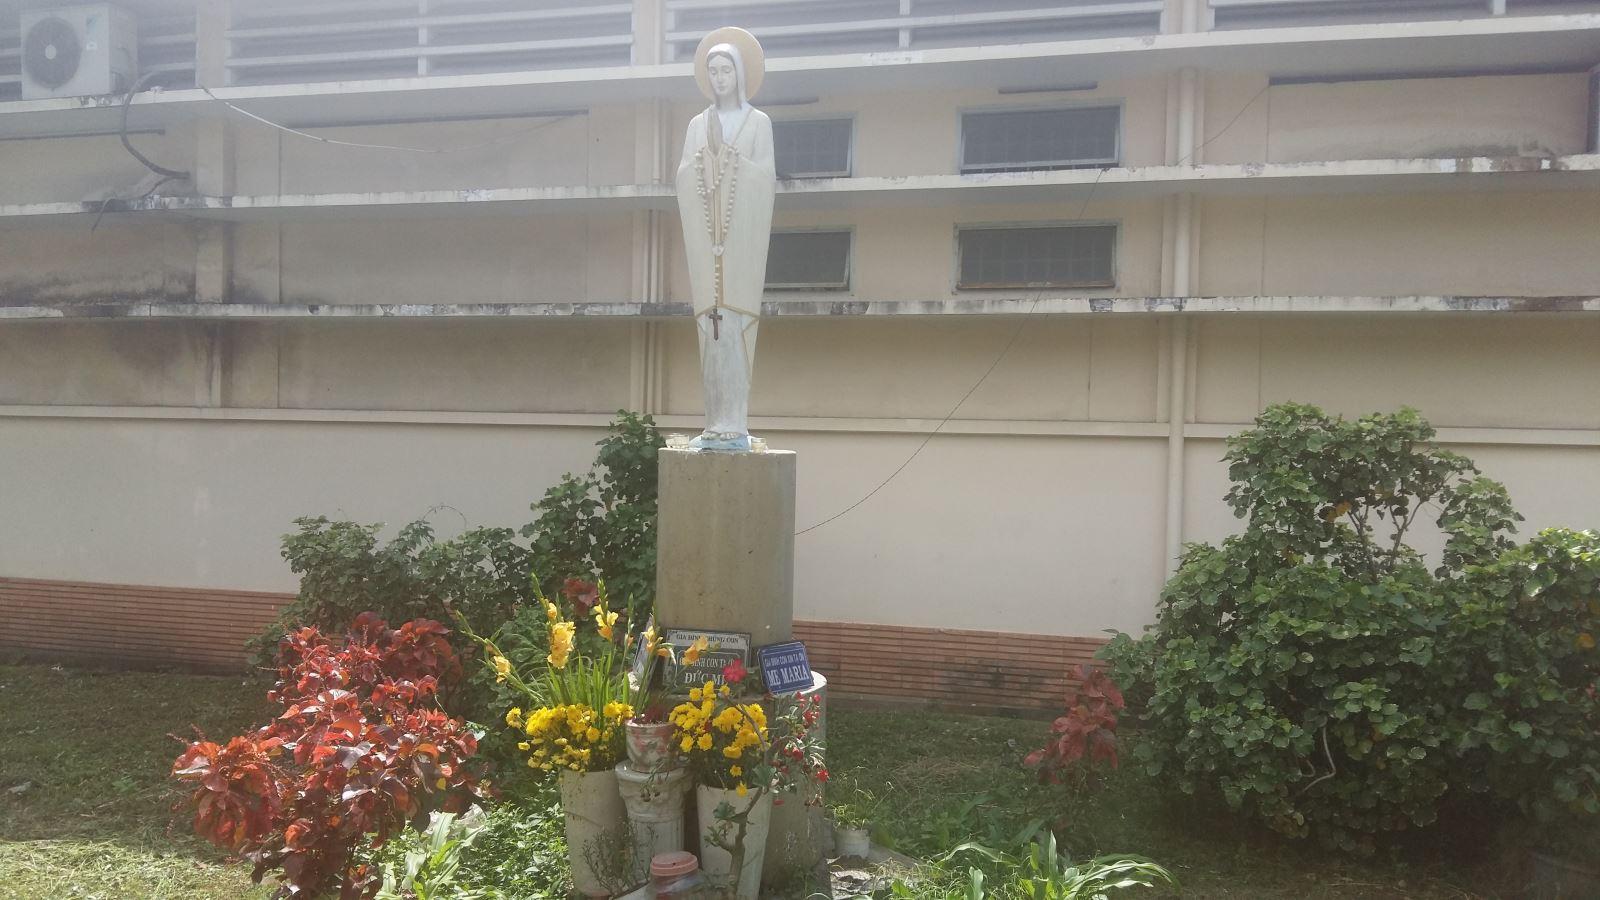 Không khó để tìm ra những đài Đức Mẹ, hang đá Đức Mẹ ở các bệnh viện lớn trong thành phố. Có thể kể đến các bệnh viện như Chợ Rẫy, ...